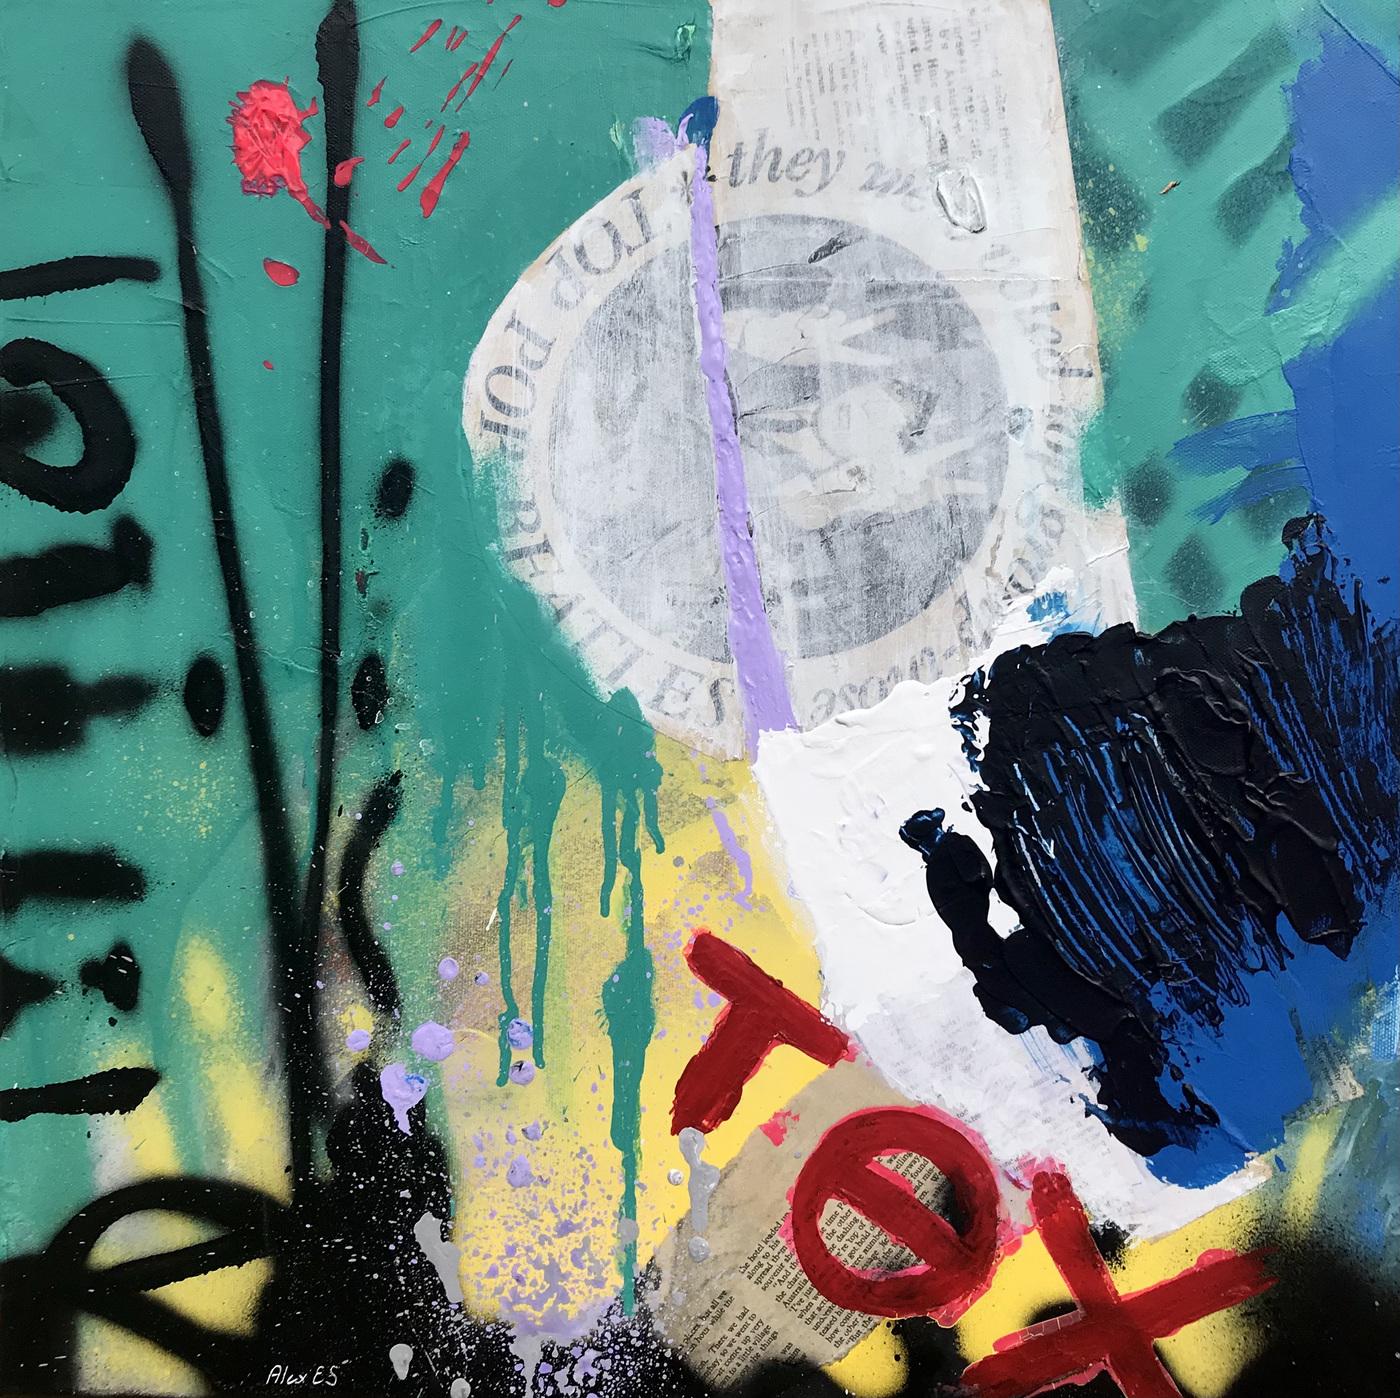 Alexander Ekman Sinclair - ART - Parts of a theatre